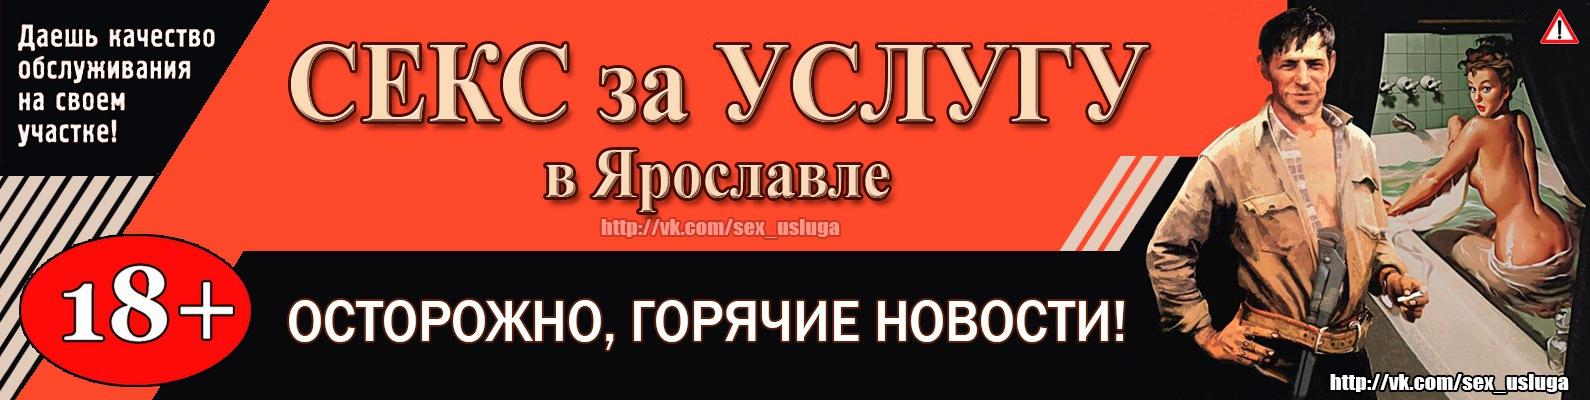 intim-uslugi-po-yaroslavlyu